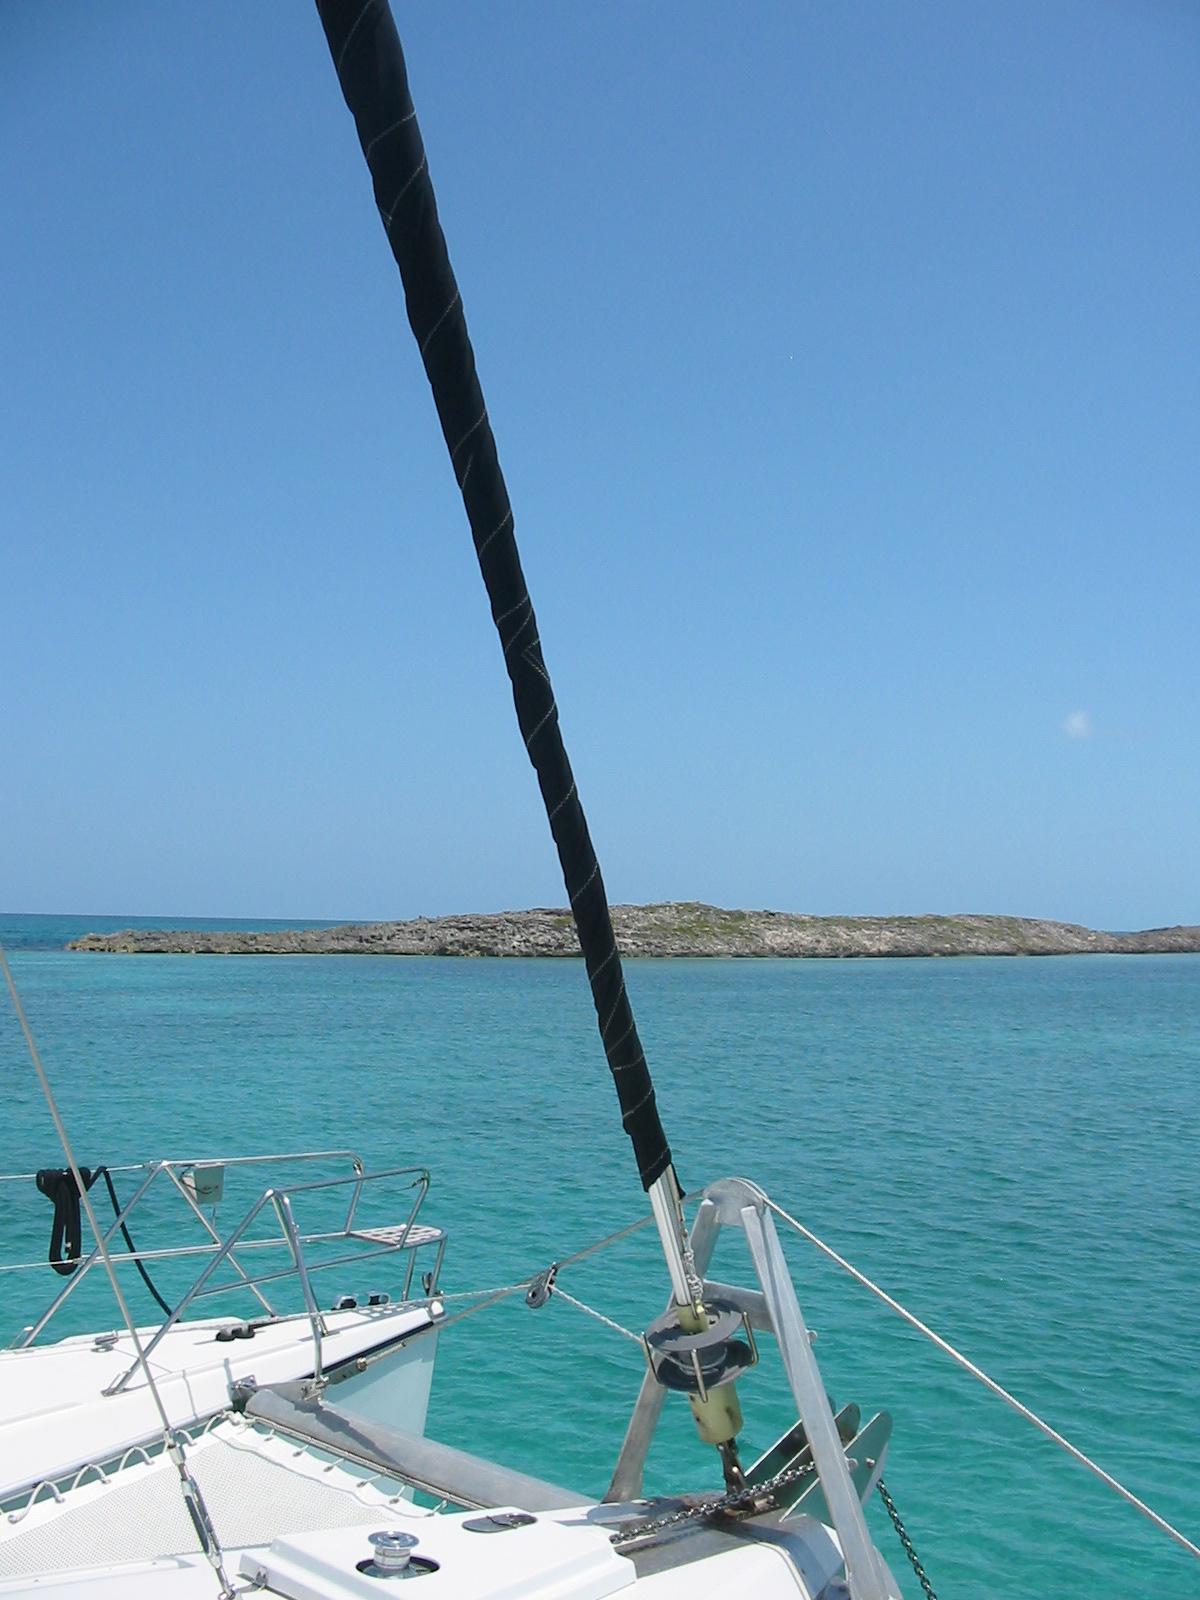 Sailing Charters In The Bahamas: Sailing The Exumas